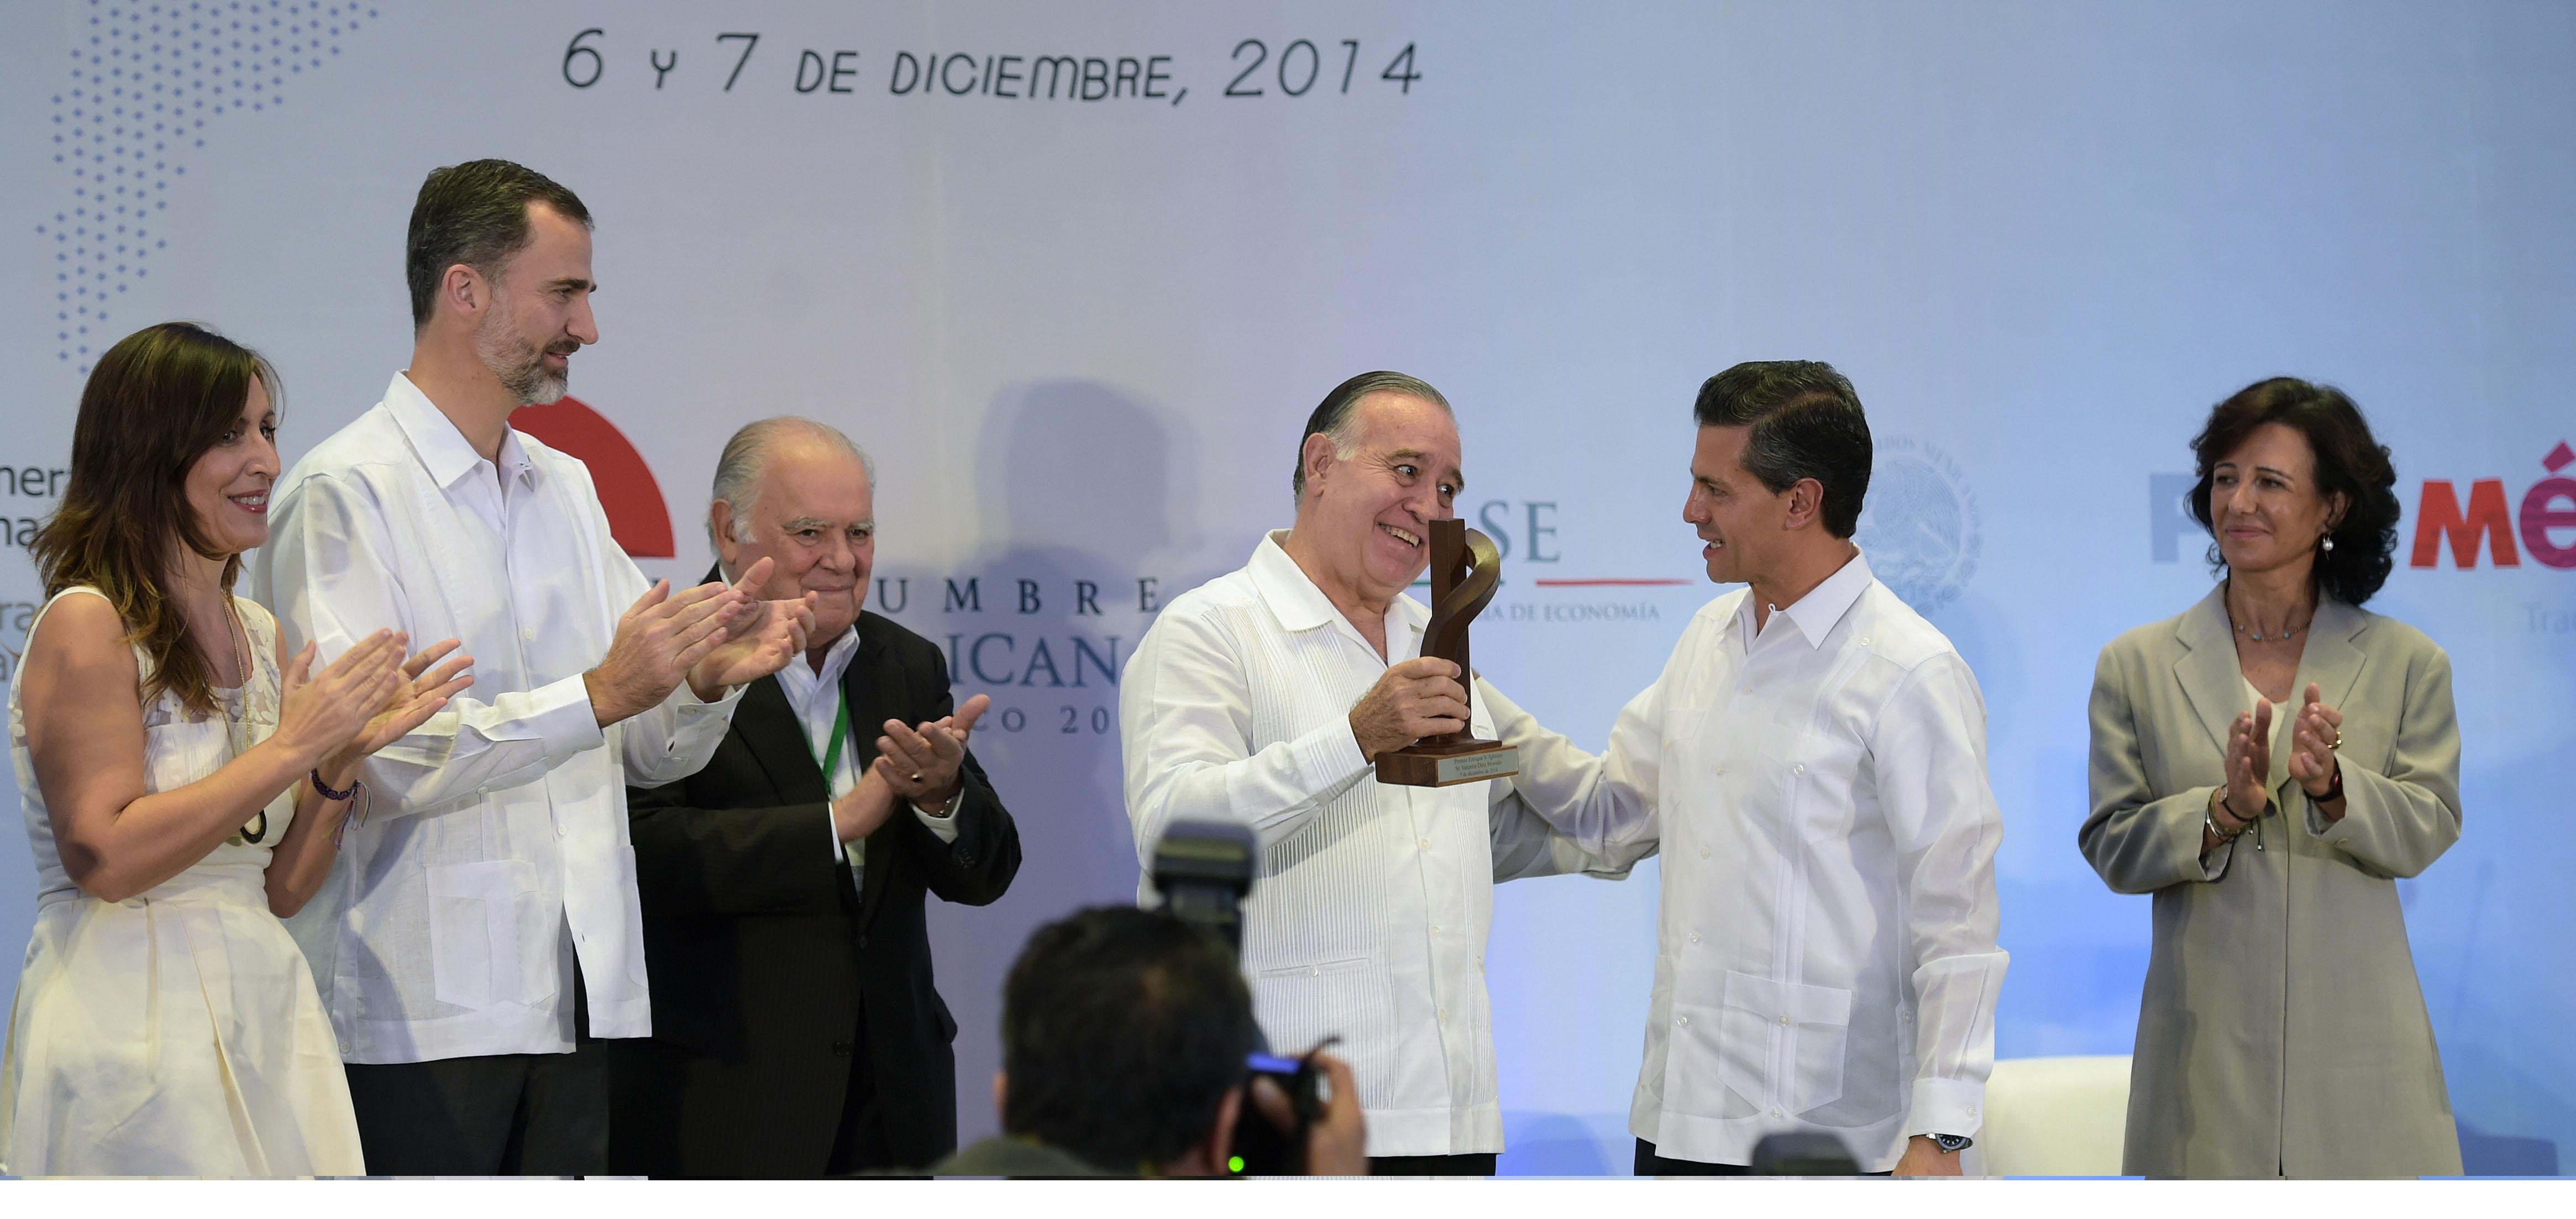 S.M. el Rey Felipe VI entrega el Premio Enrique V. Iglesias a Valentín Diez Morodo